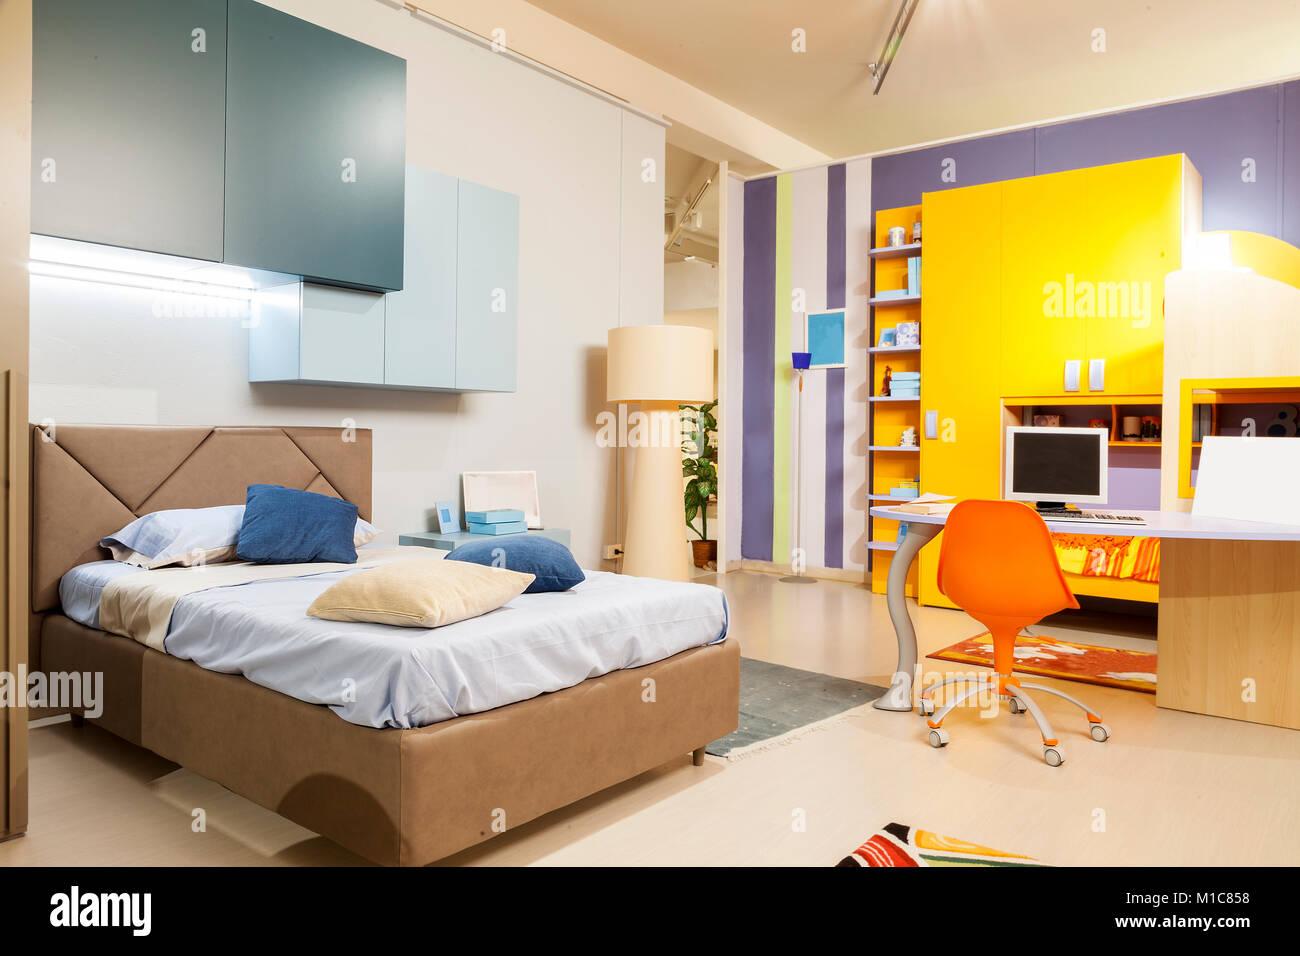 Camere Da Letto Moderne Bellissime.Arredamento Moderno E Bellissimo Appartamento In Nuova Posizione Di